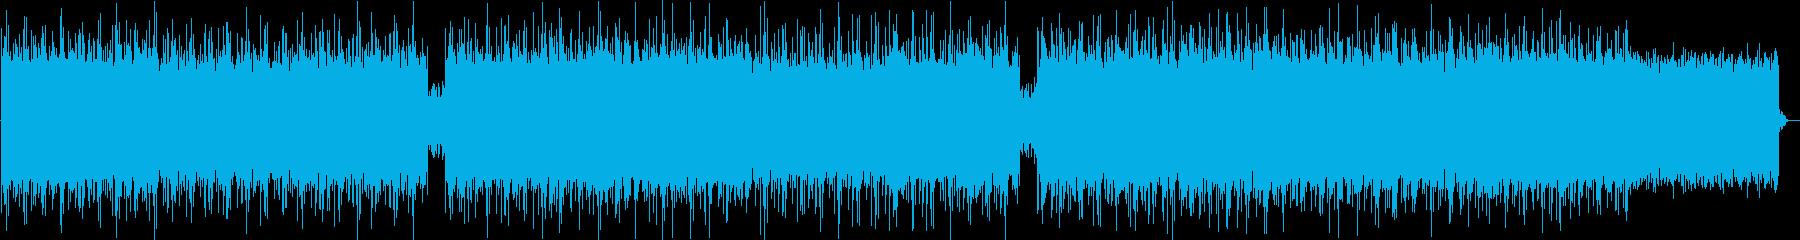 ドリーミーなエンディングインディーポップの再生済みの波形